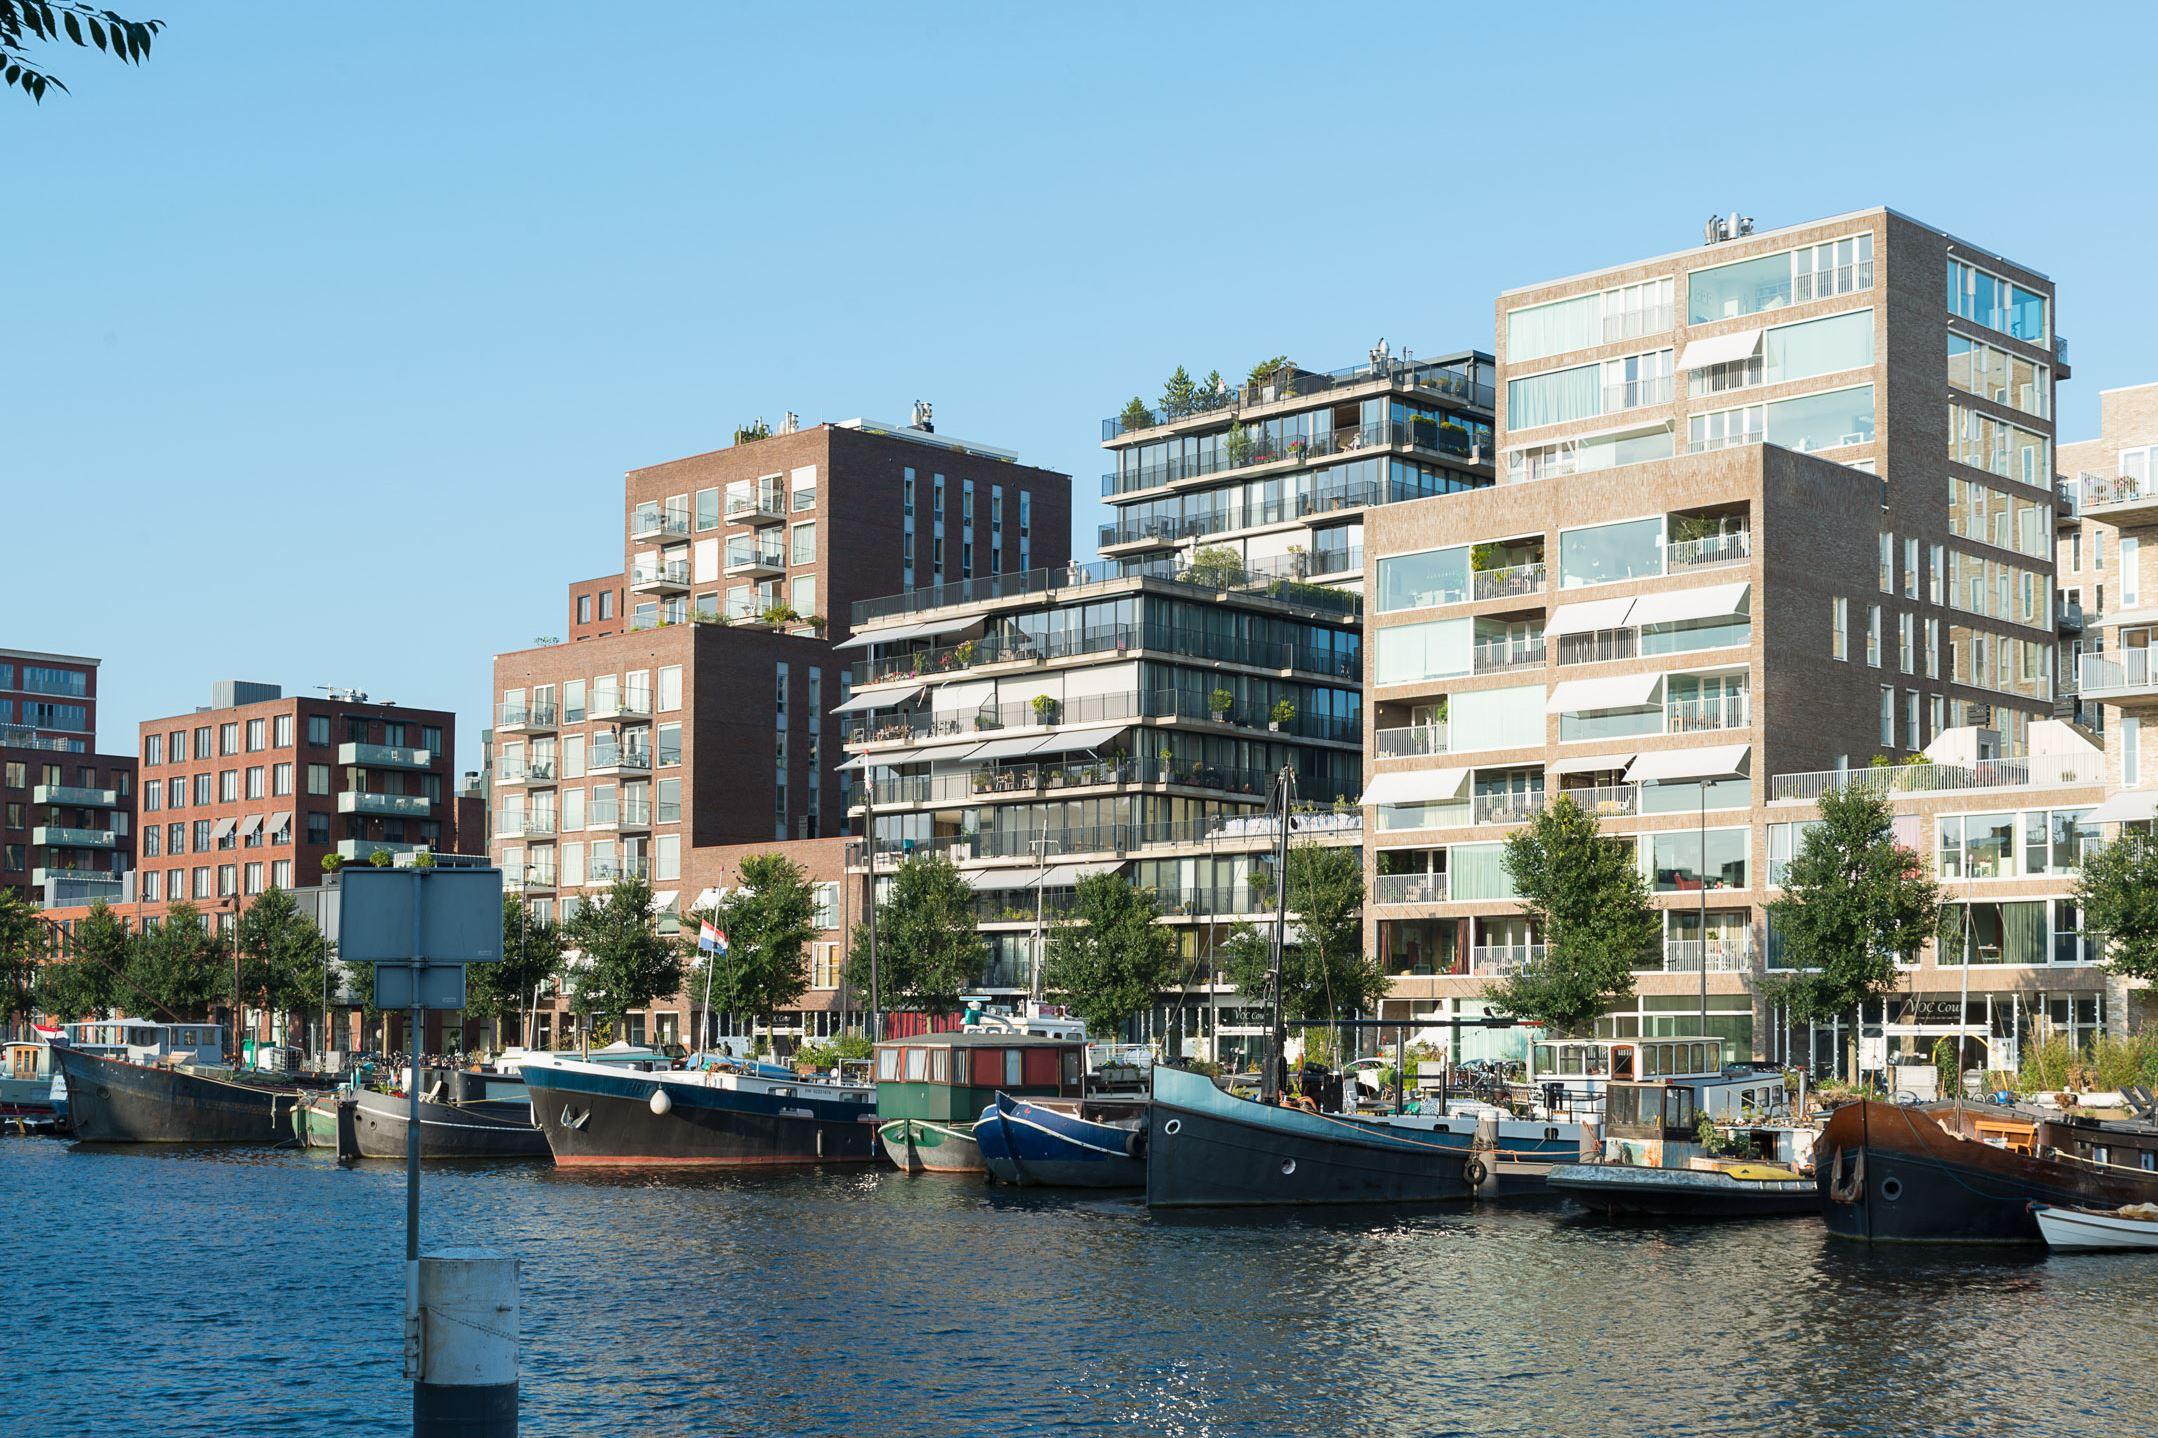 appartement te koop westerdok 520 1013 bh amsterdam funda